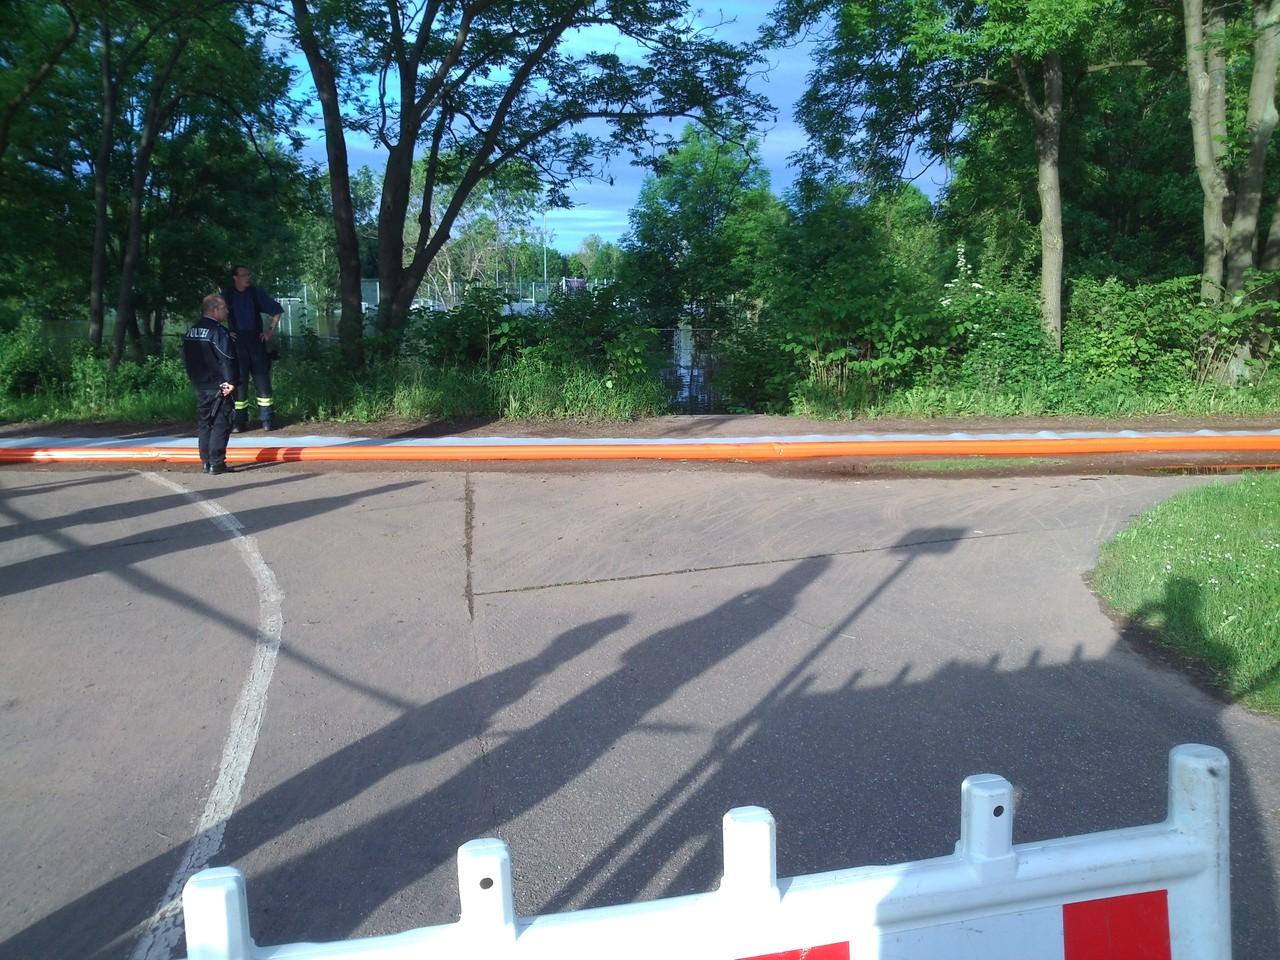 Rennbahnkreuz - Gimmritzer Damm; erste Vorbereitungen werden getroffen für die Erhöung des Deiches